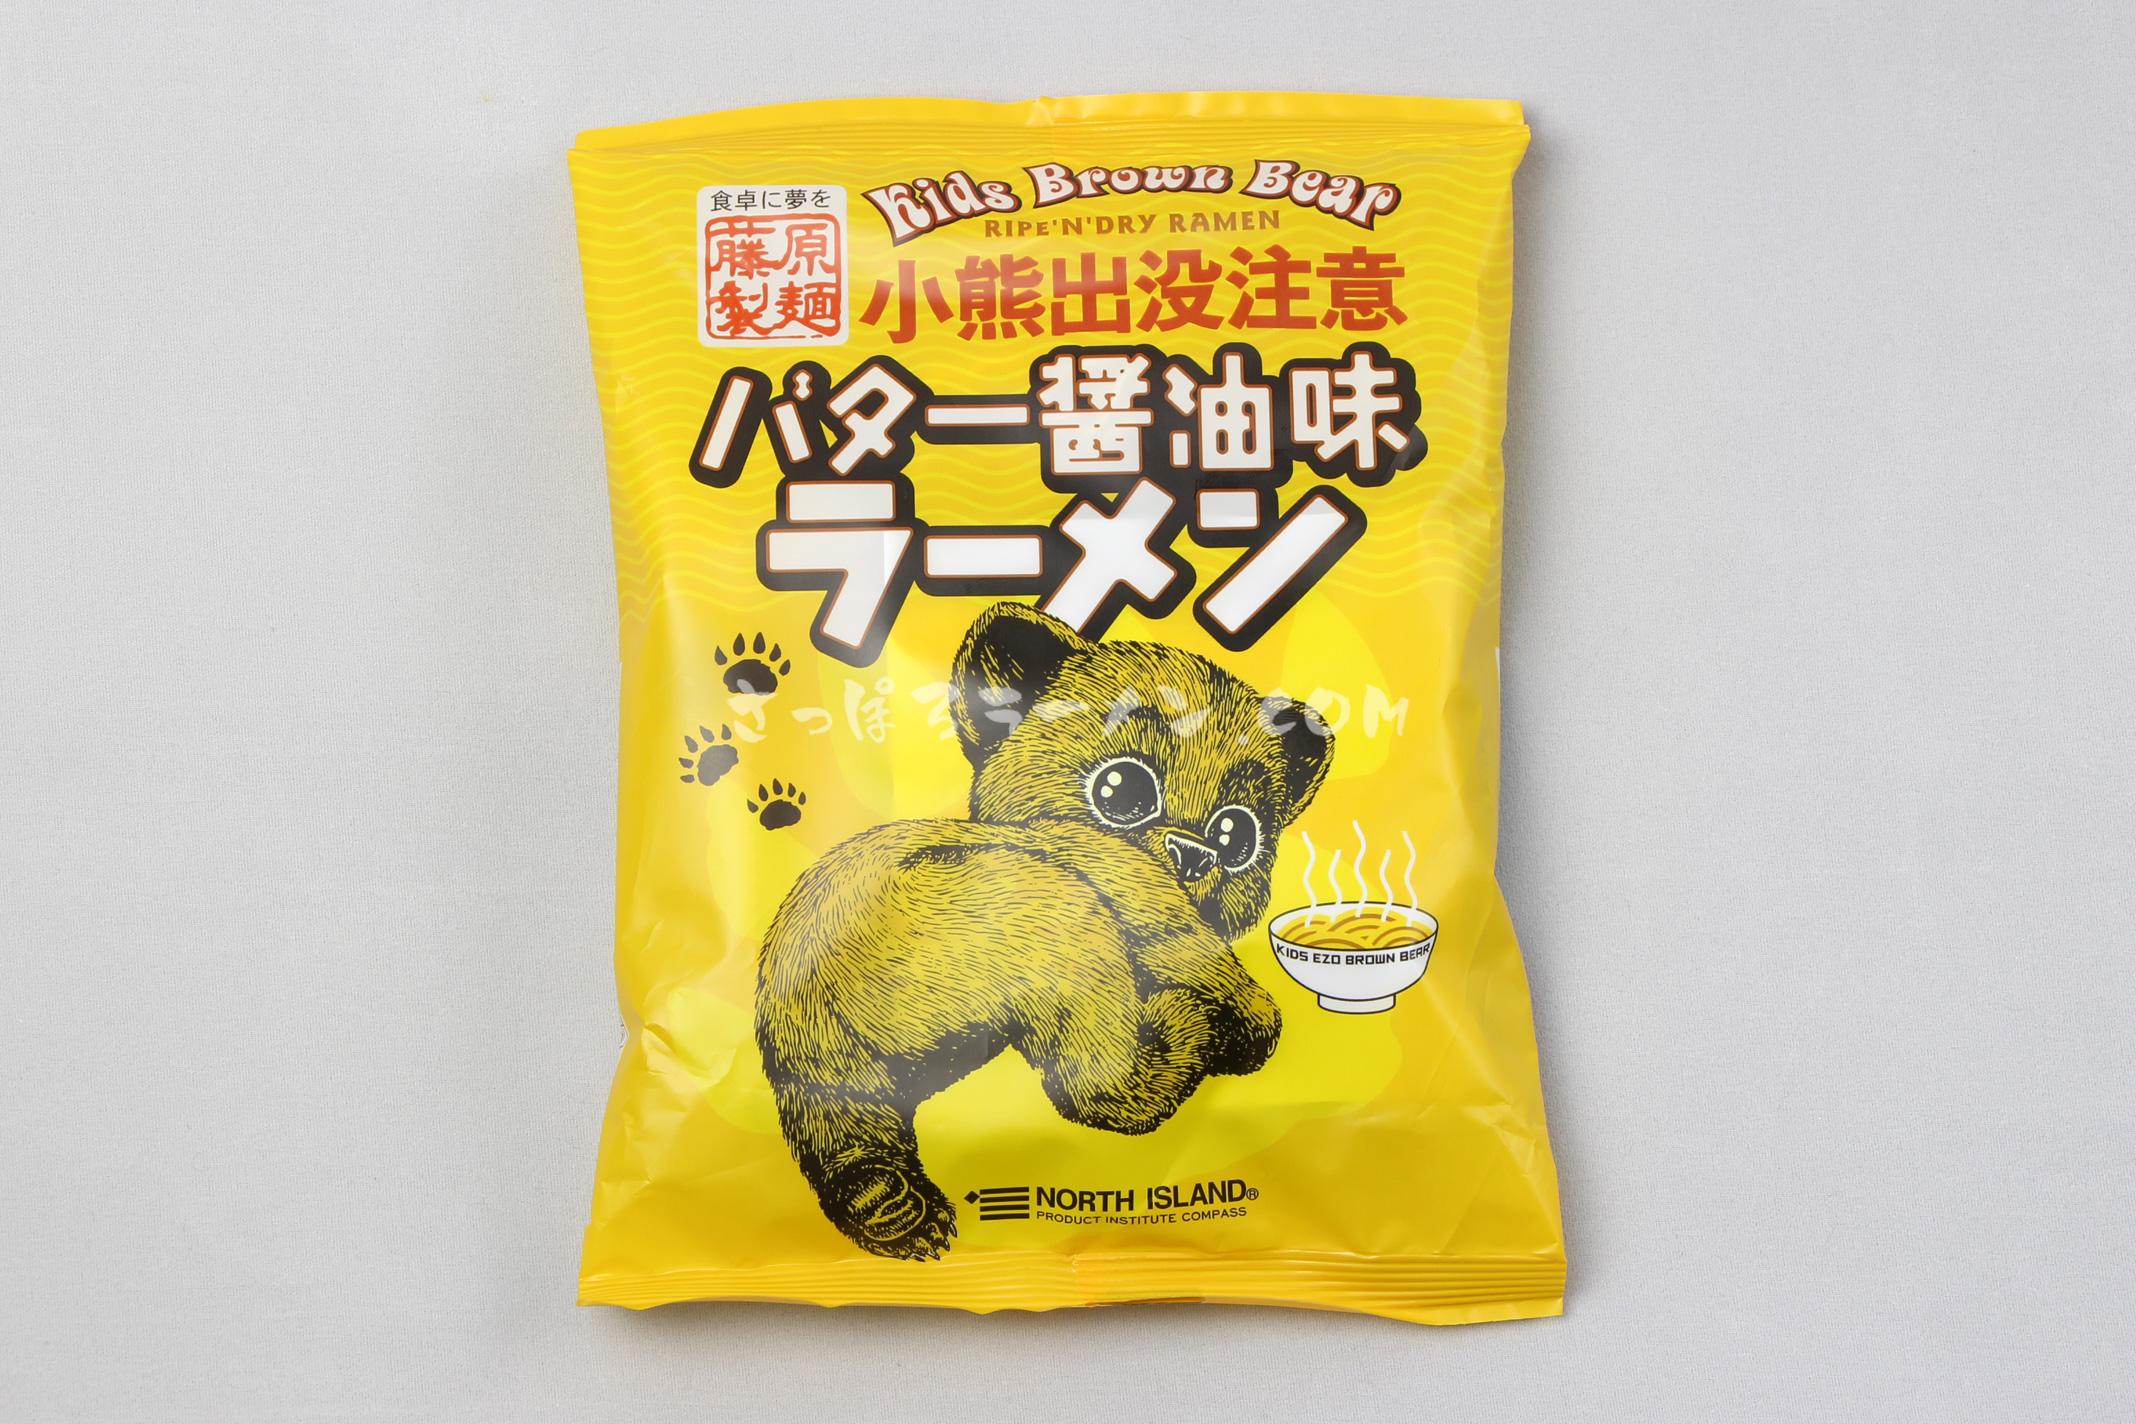 「小熊出没注意 バター醤油味ラーメン」(藤原製麺)のパッケージ(表)